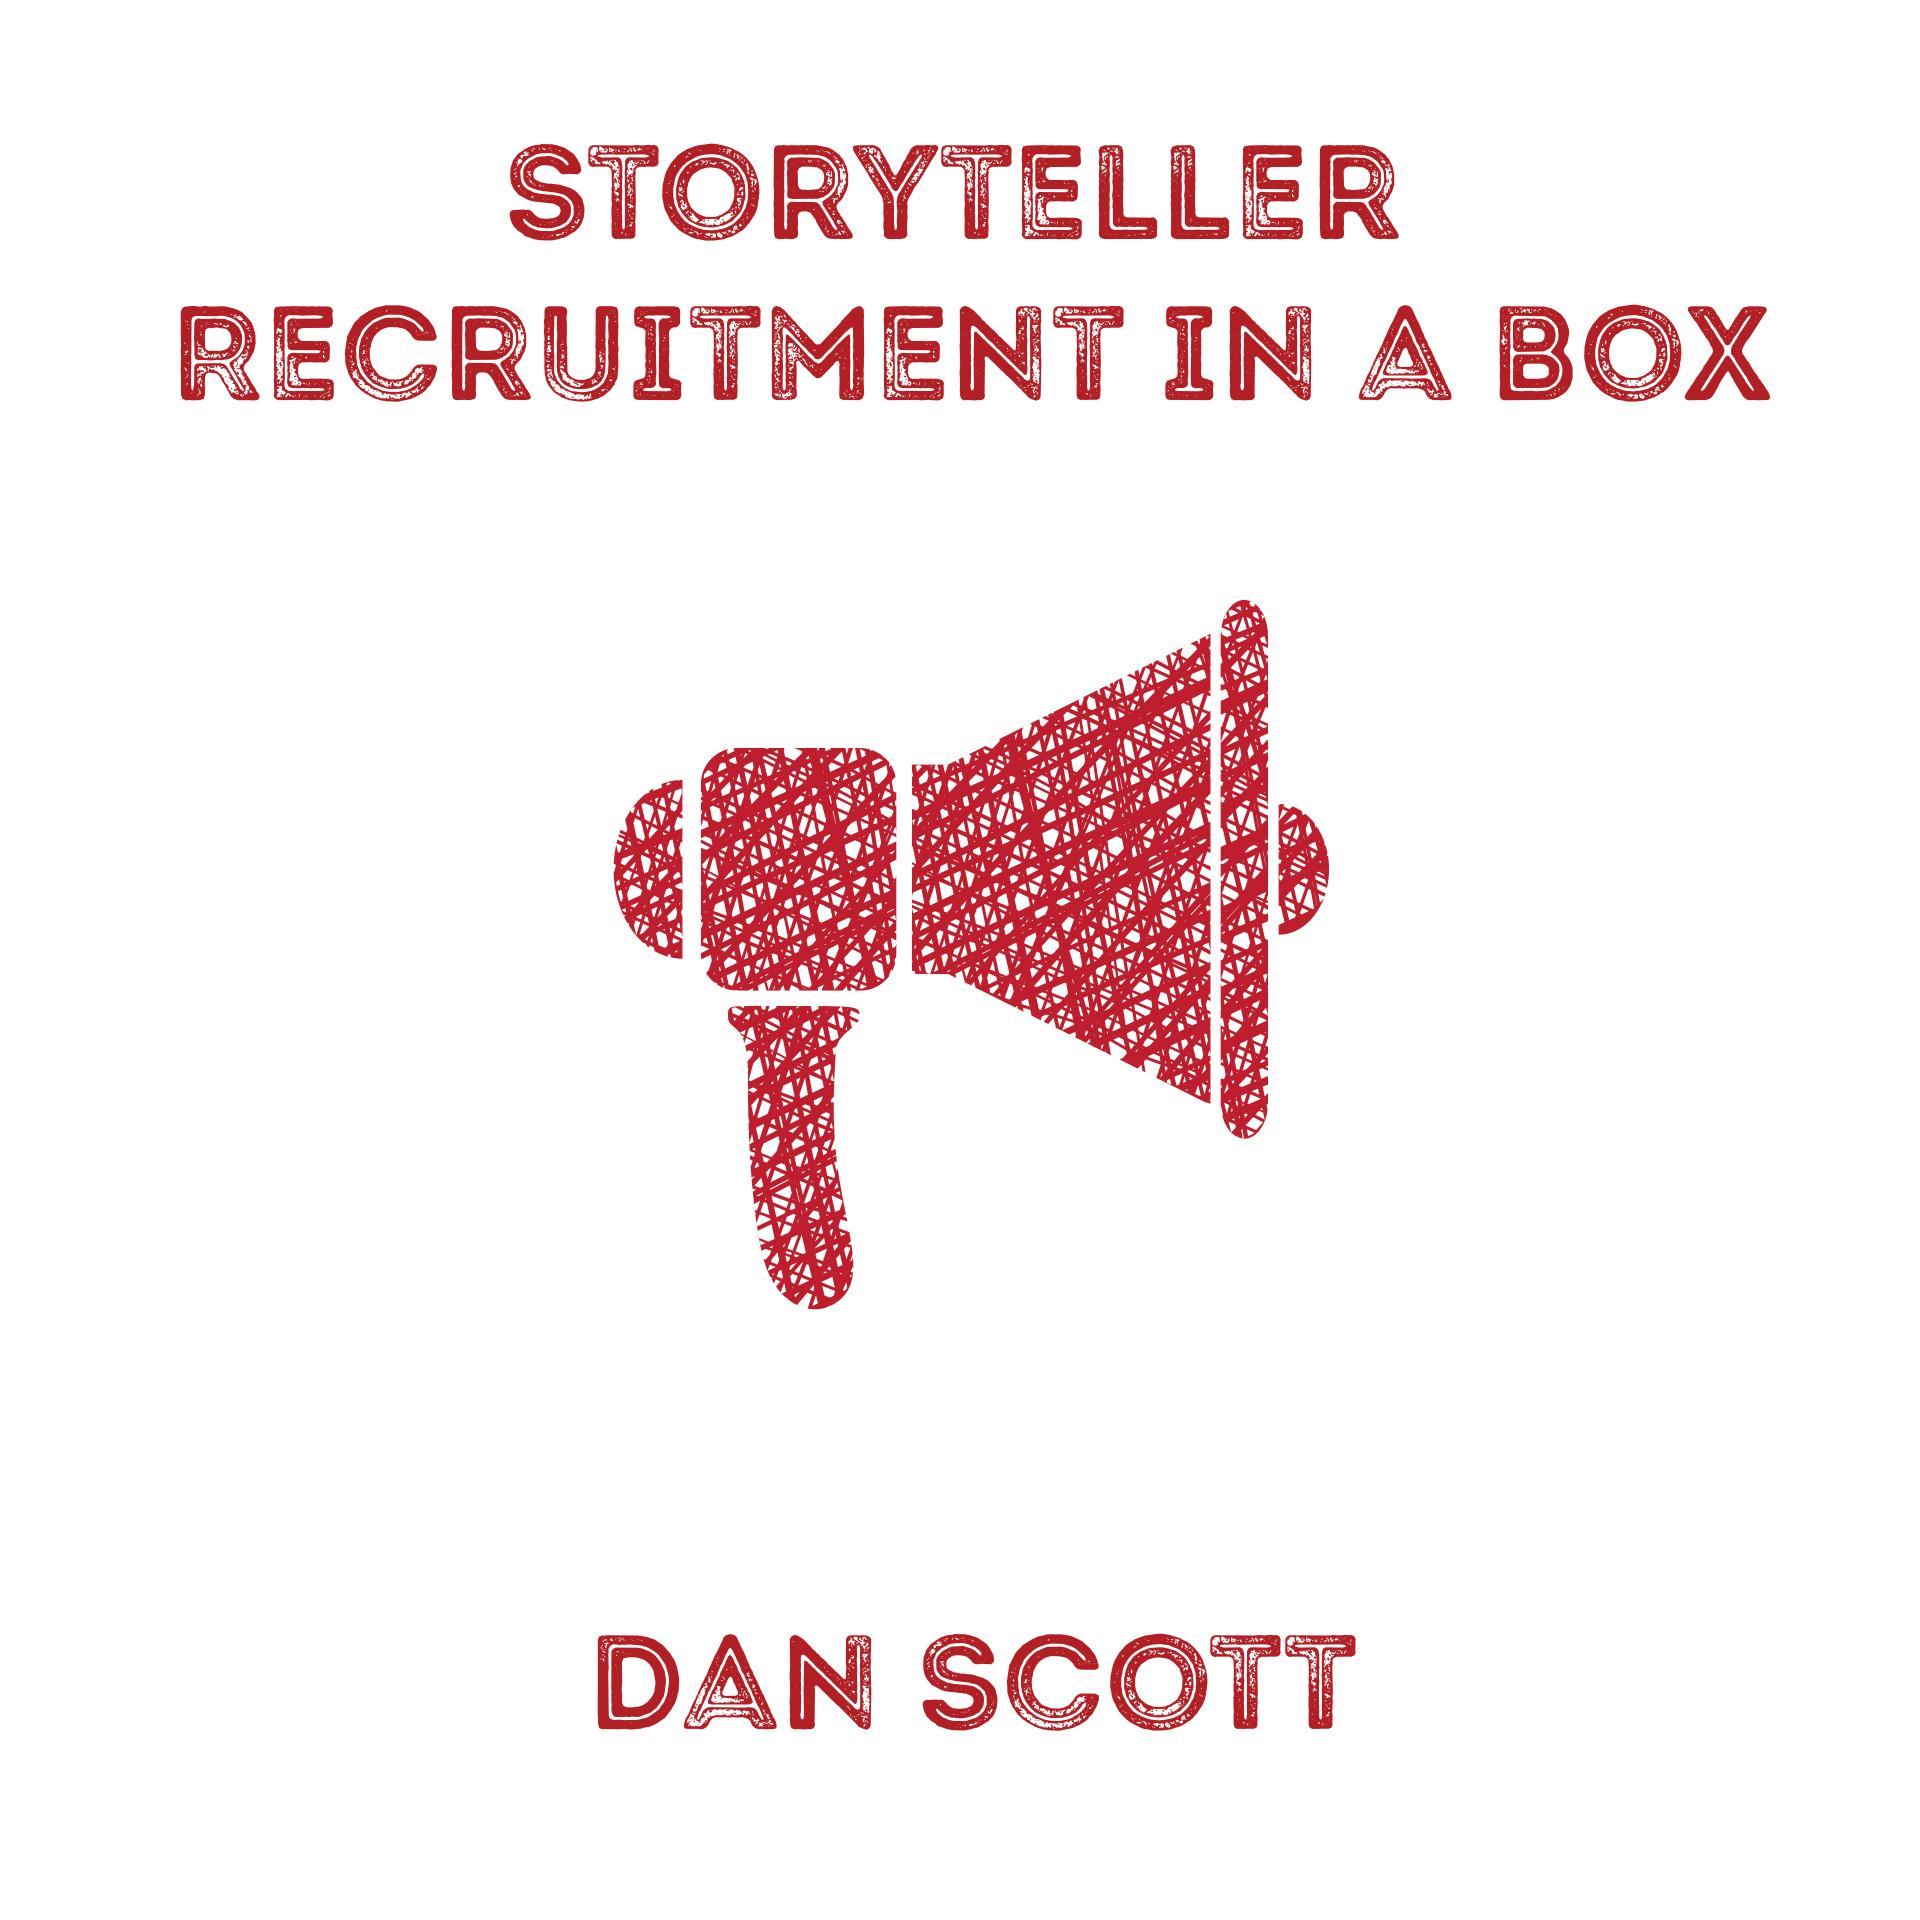 Storyteller Recruitment in a Box